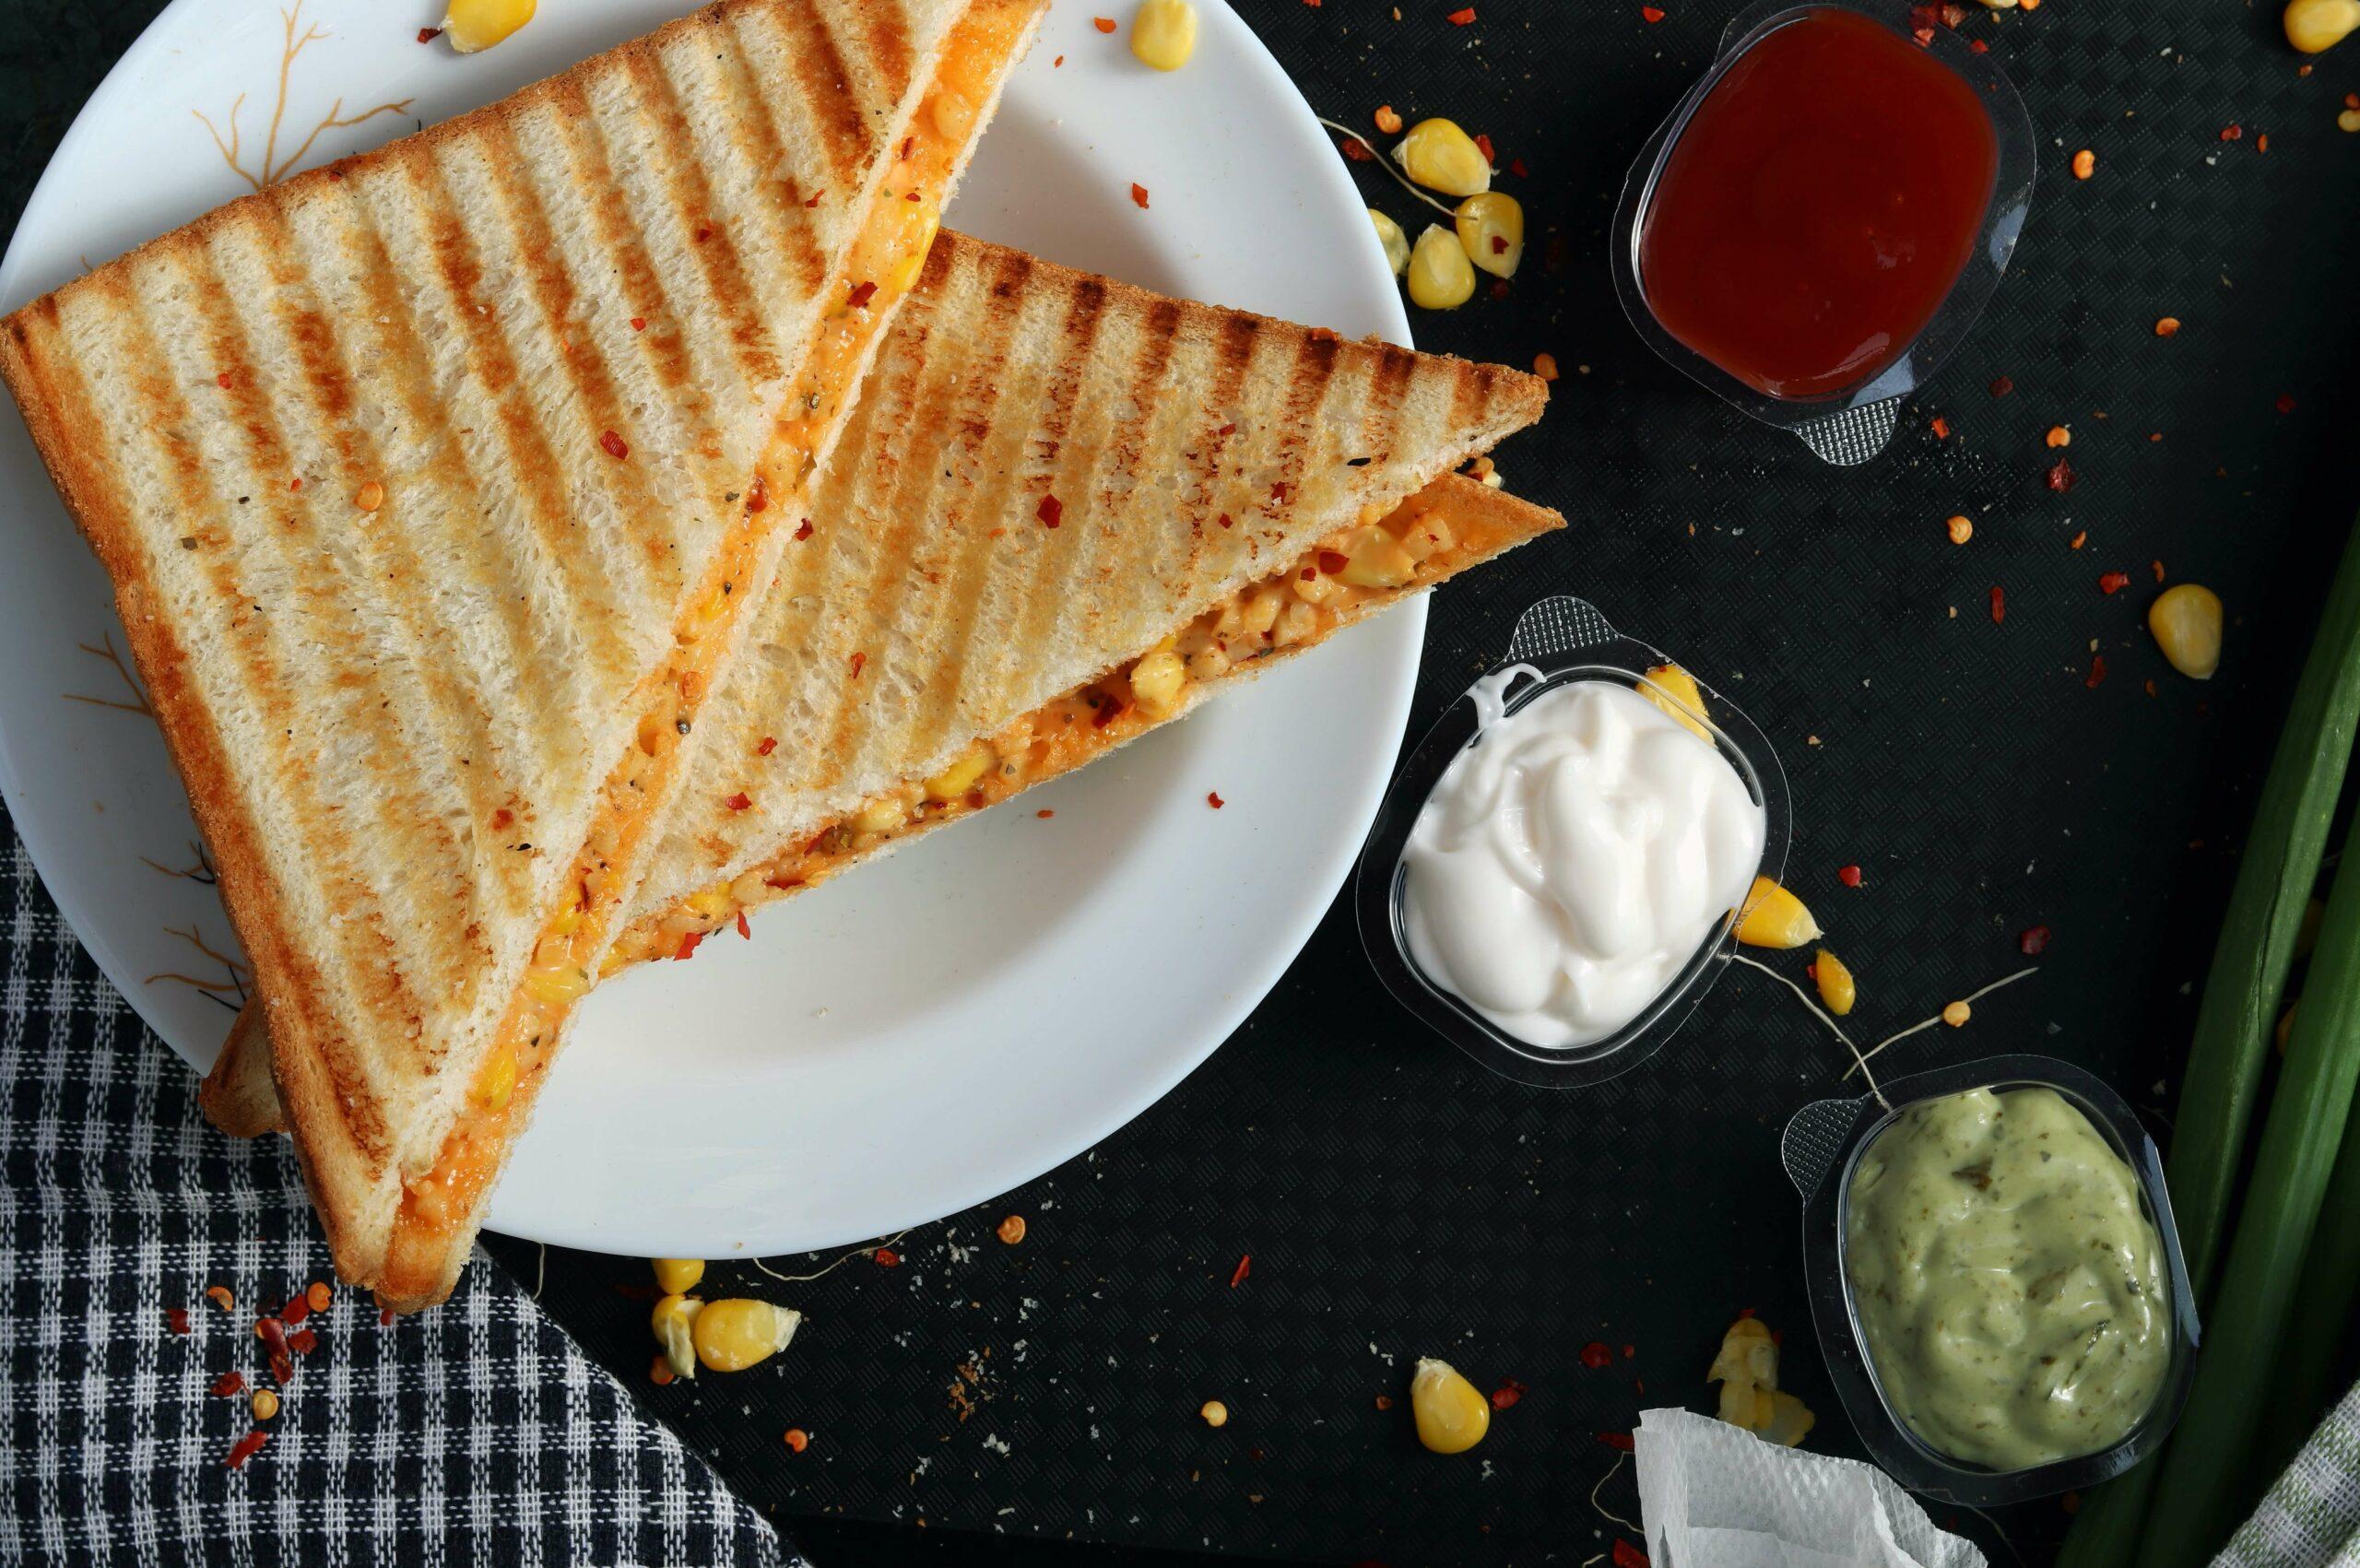 Recetas con sandwichera: rápidas y fáciles